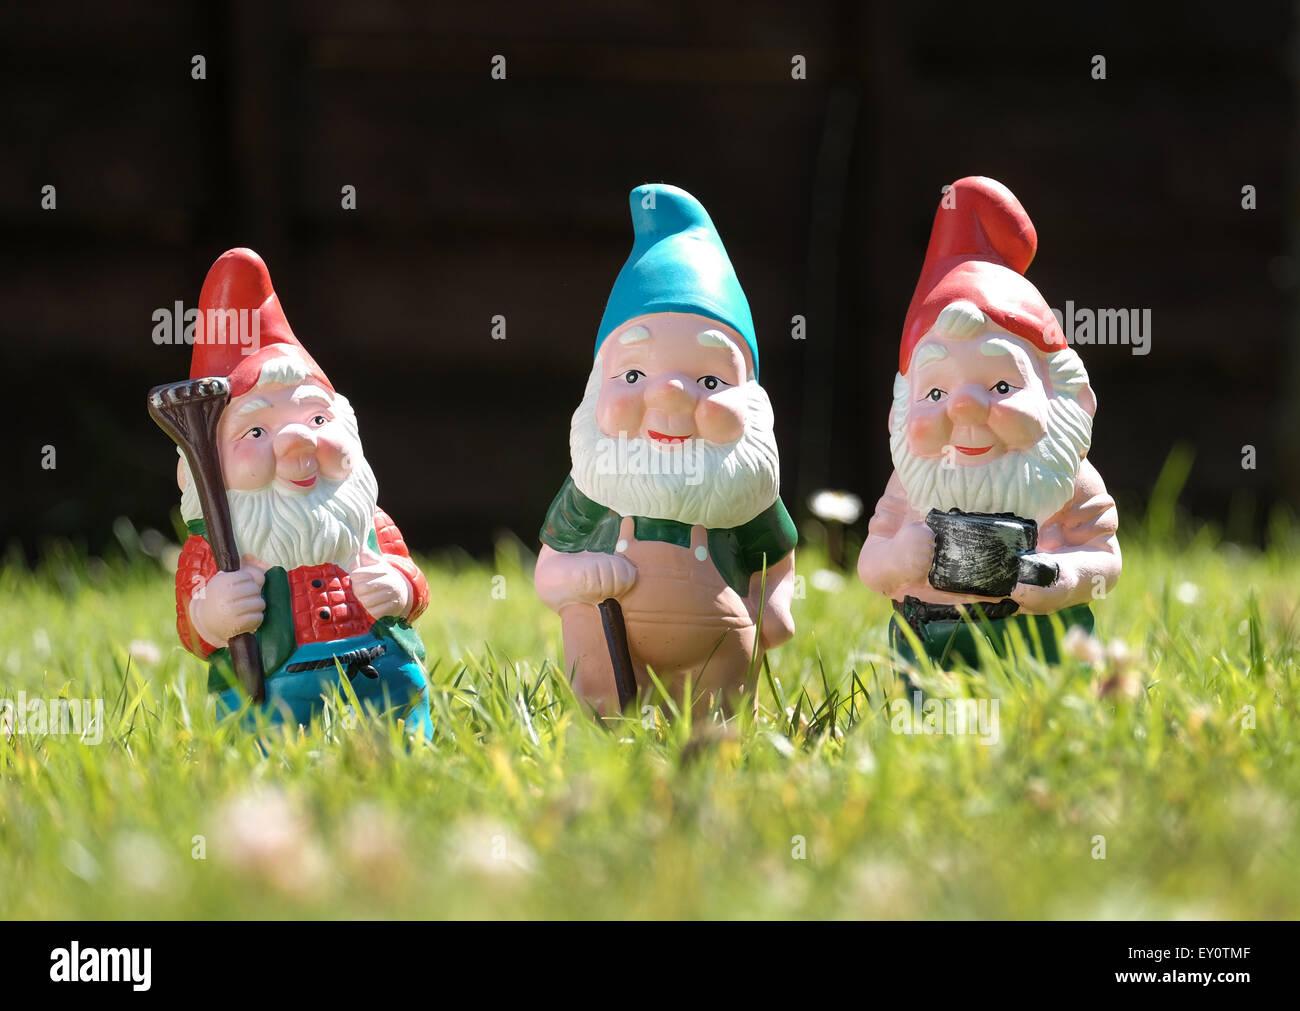 Les nains de jardin qui est représenté sur la pelouse d'un jardin ensoleillé Photo Stock